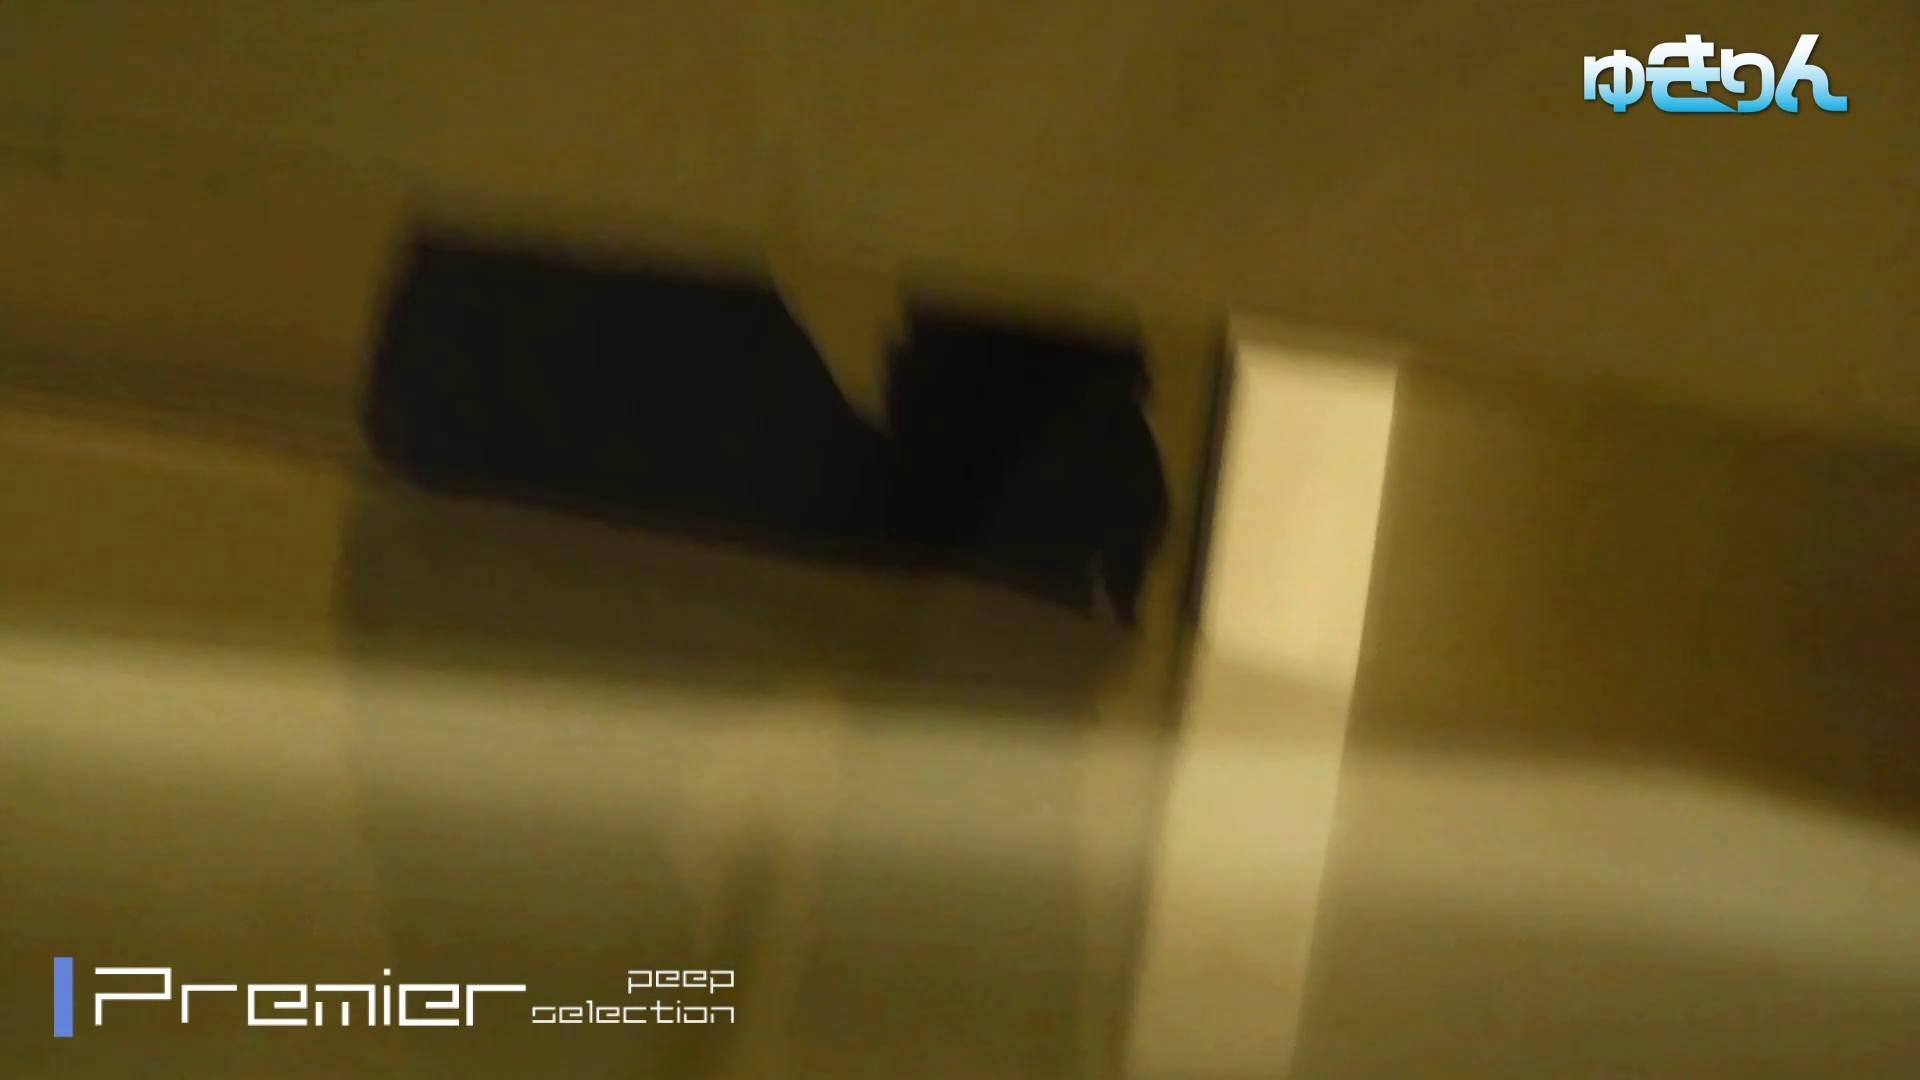 新世界の射窓 No92 黒髪、長身 170cm現場情報! 細身女性 AV動画キャプチャ 72画像 5